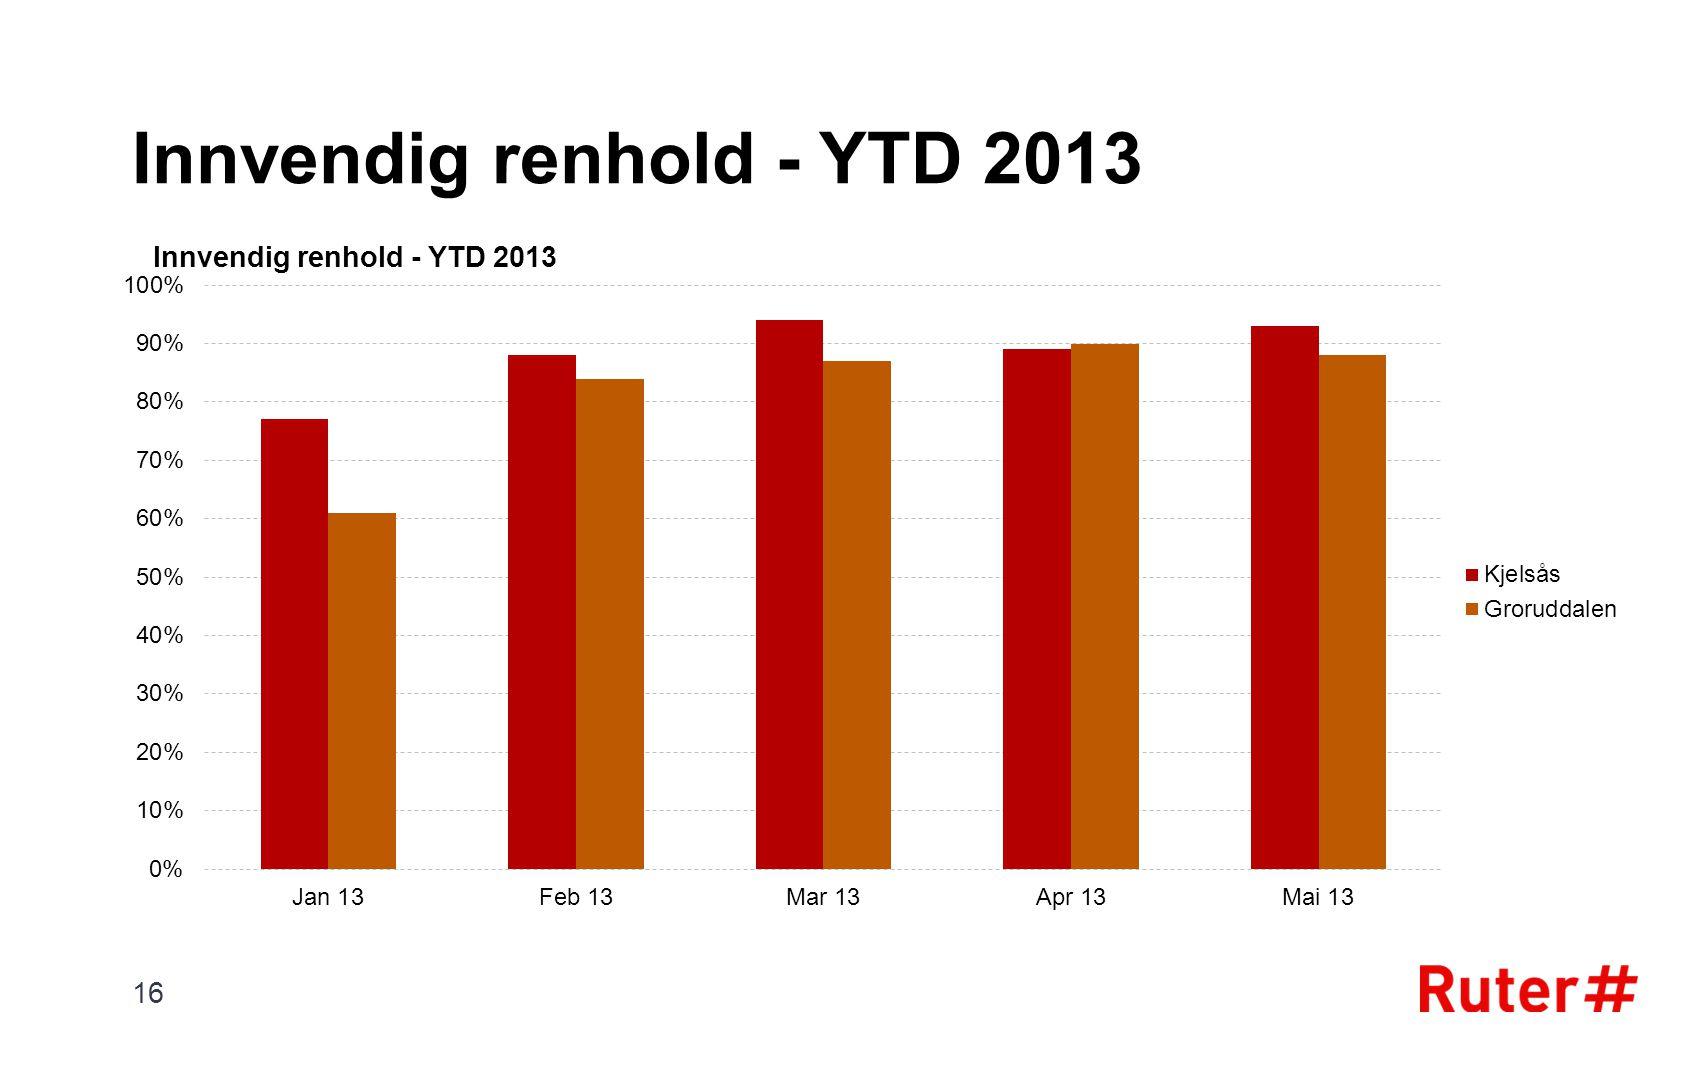 Innvendig renhold - YTD 2013 16